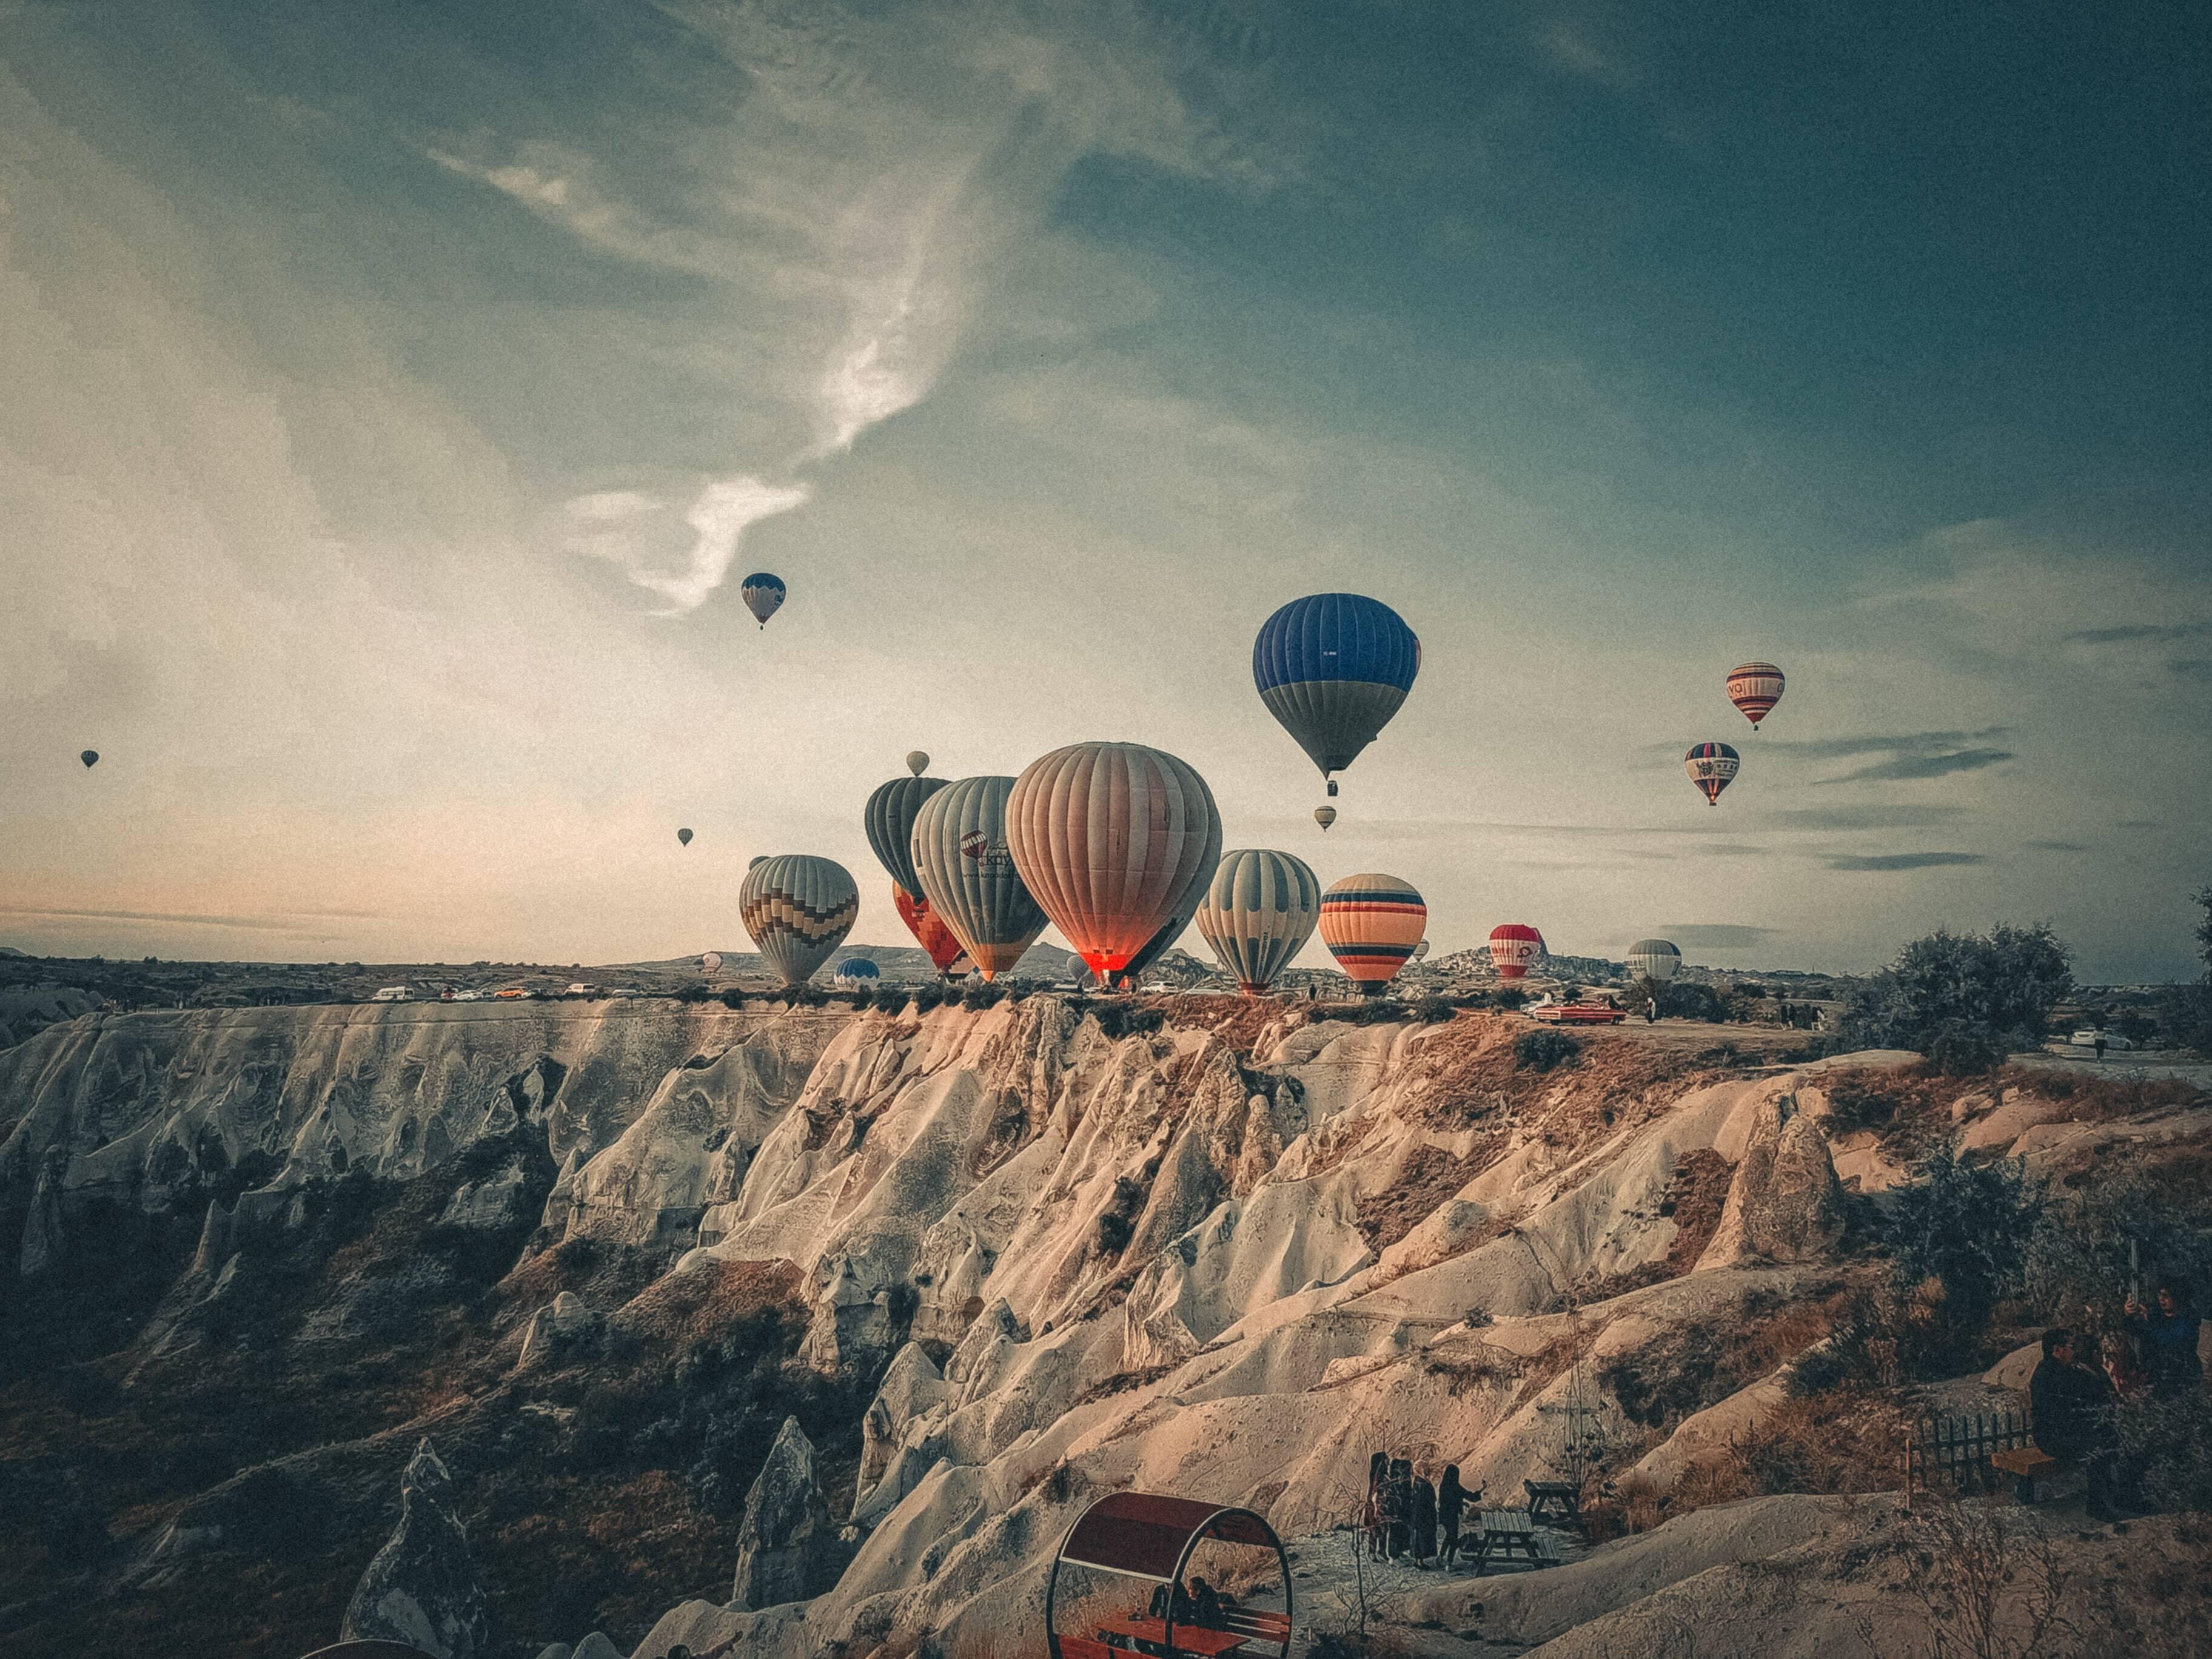 Passeios de balão são muito buscados na Capadócia. Foto: Unsplash